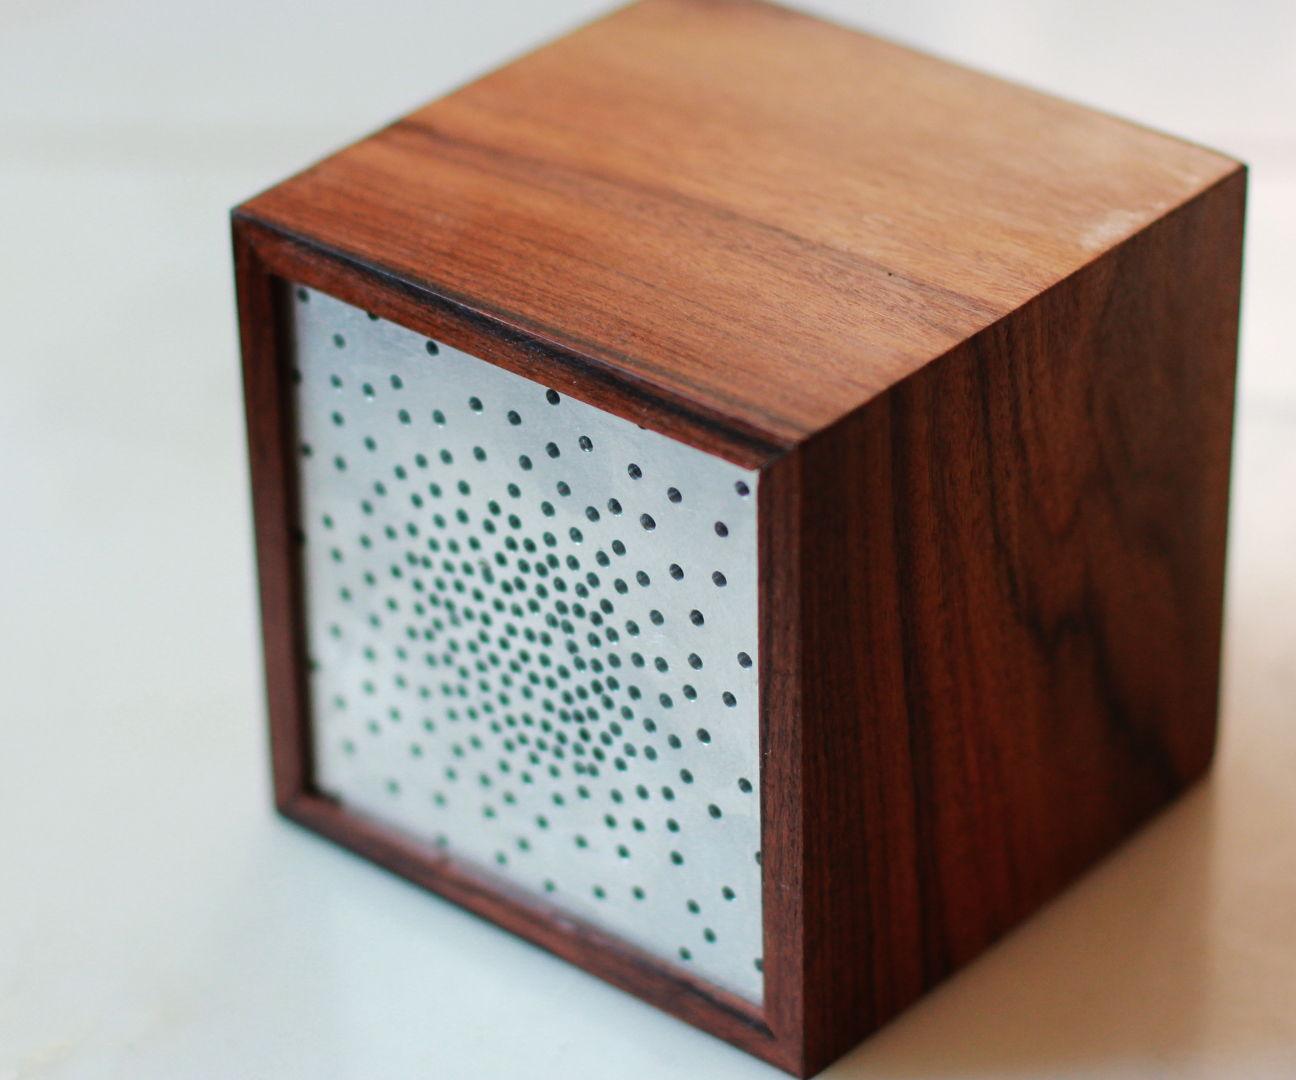 Wireless Retro Cube Speaker W/ Rosewood